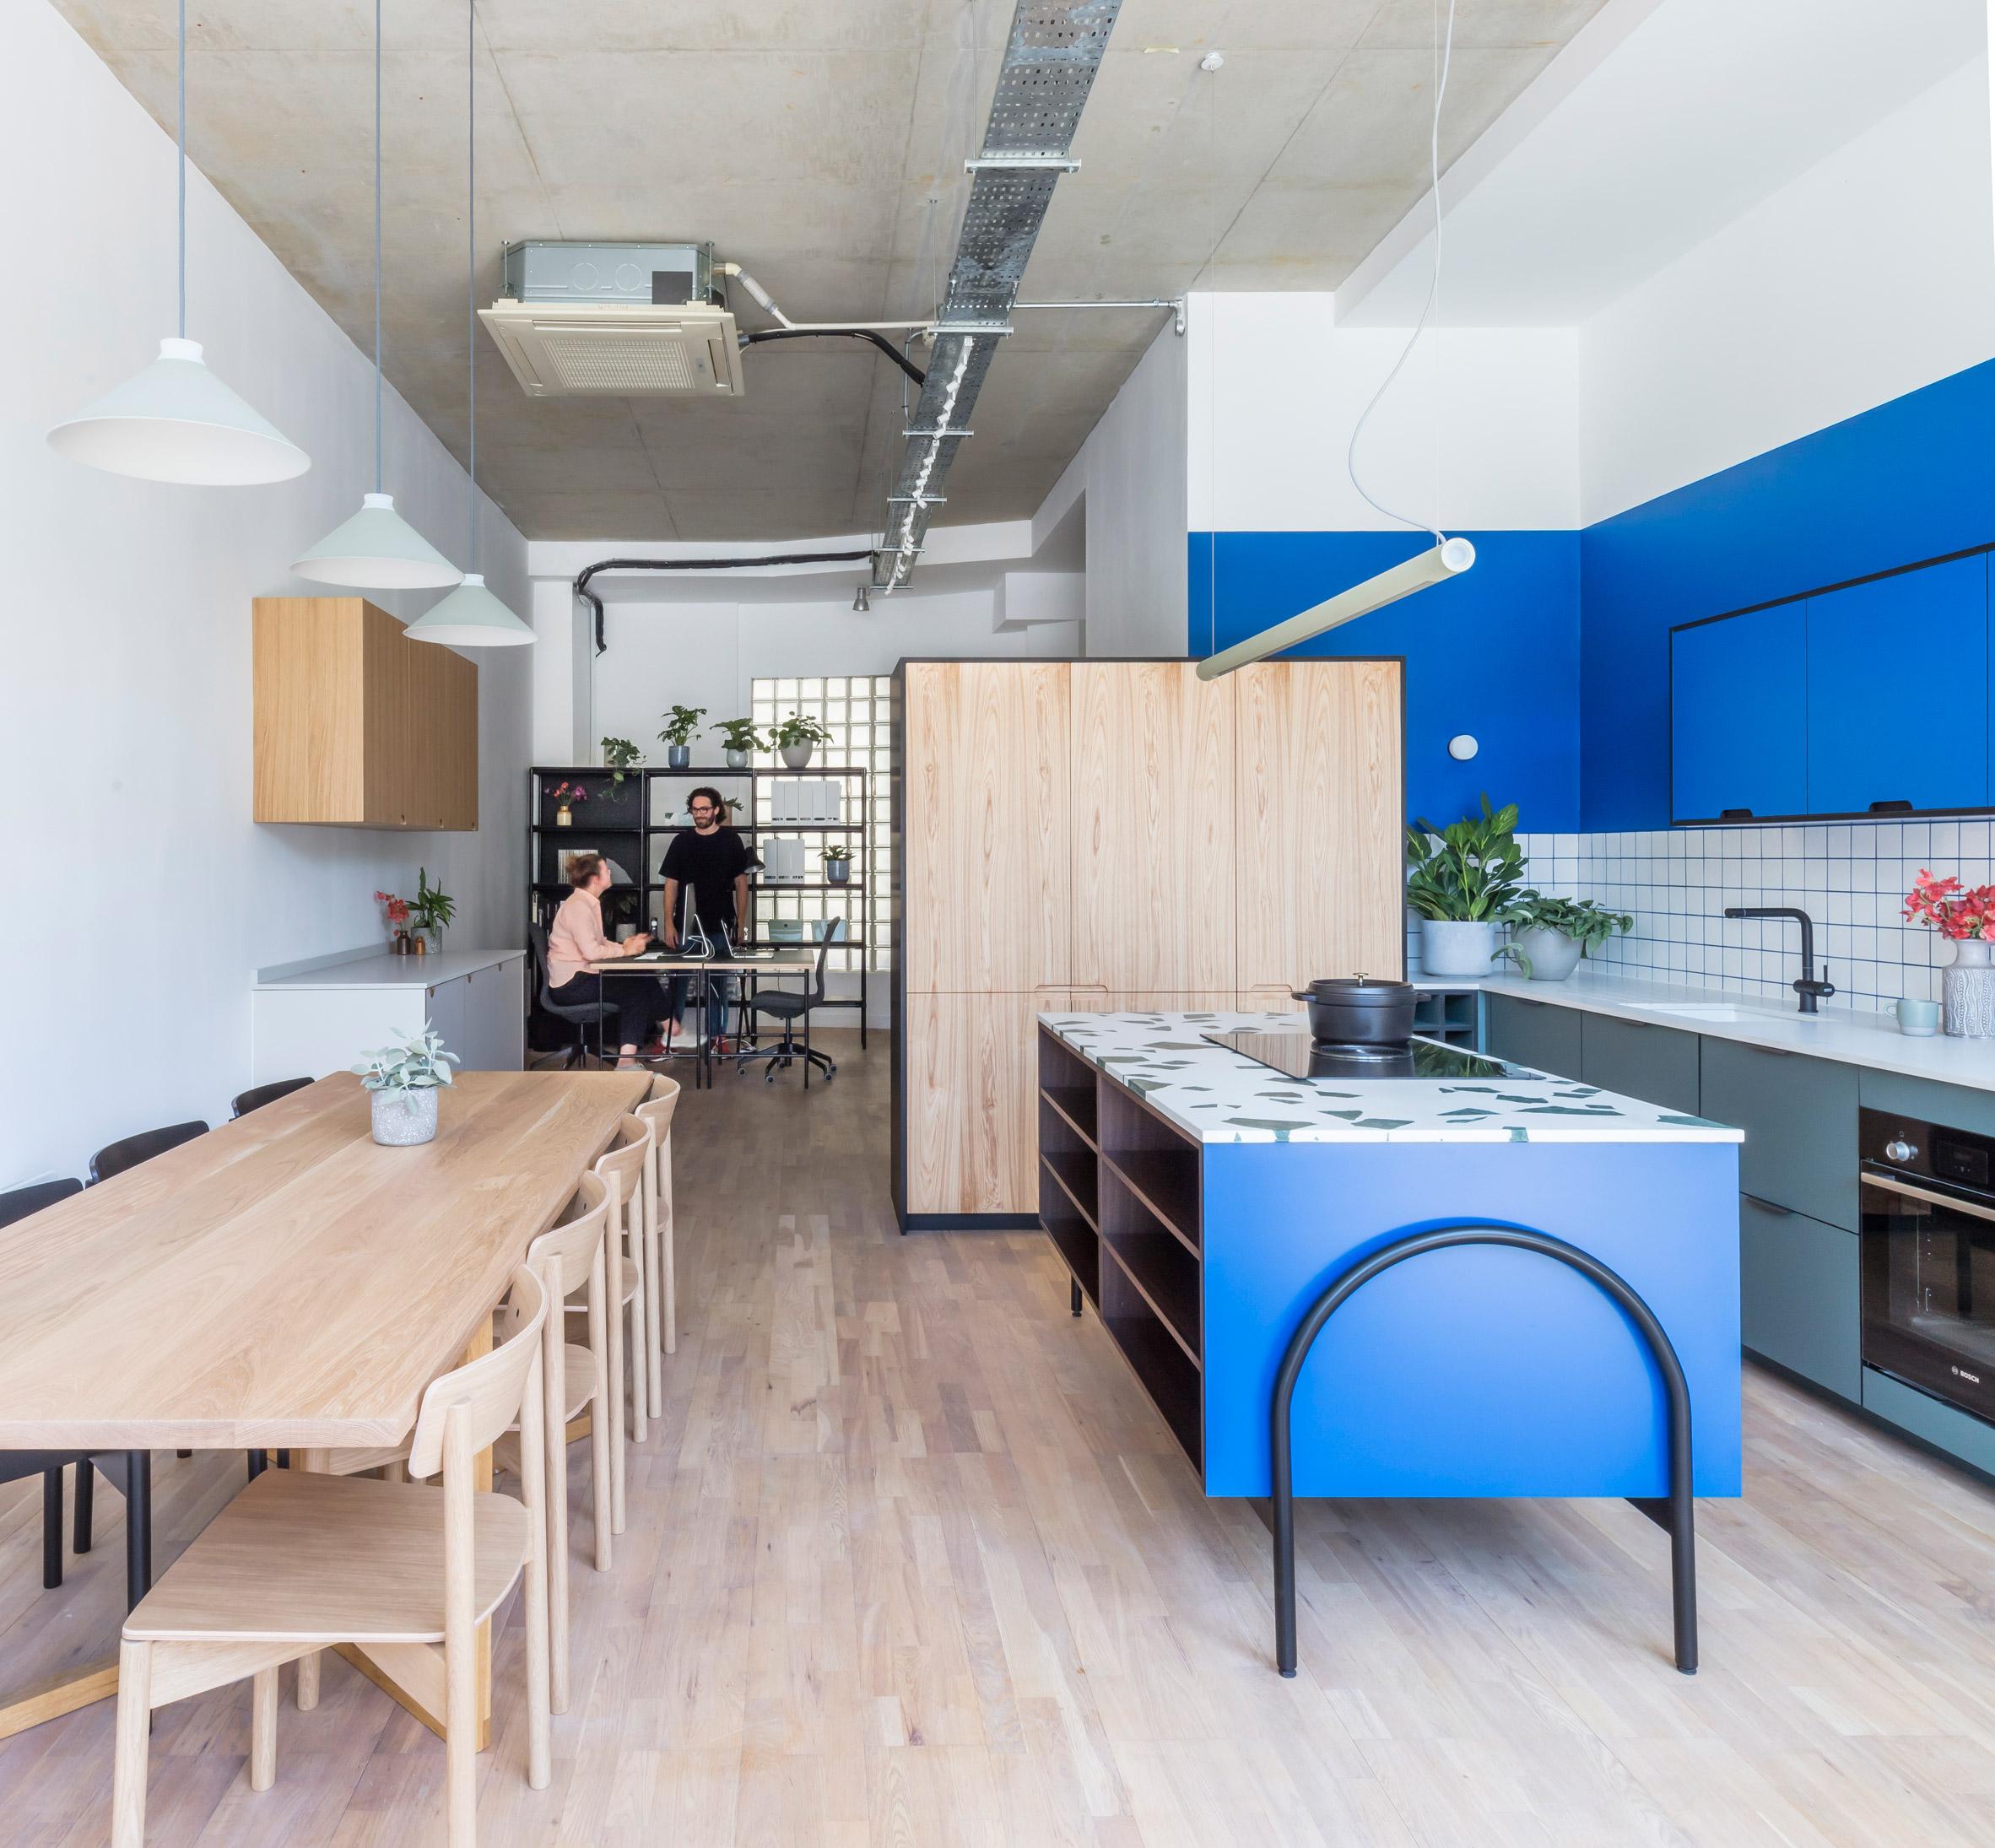 Thiết kế tủ bếp đẹp 1